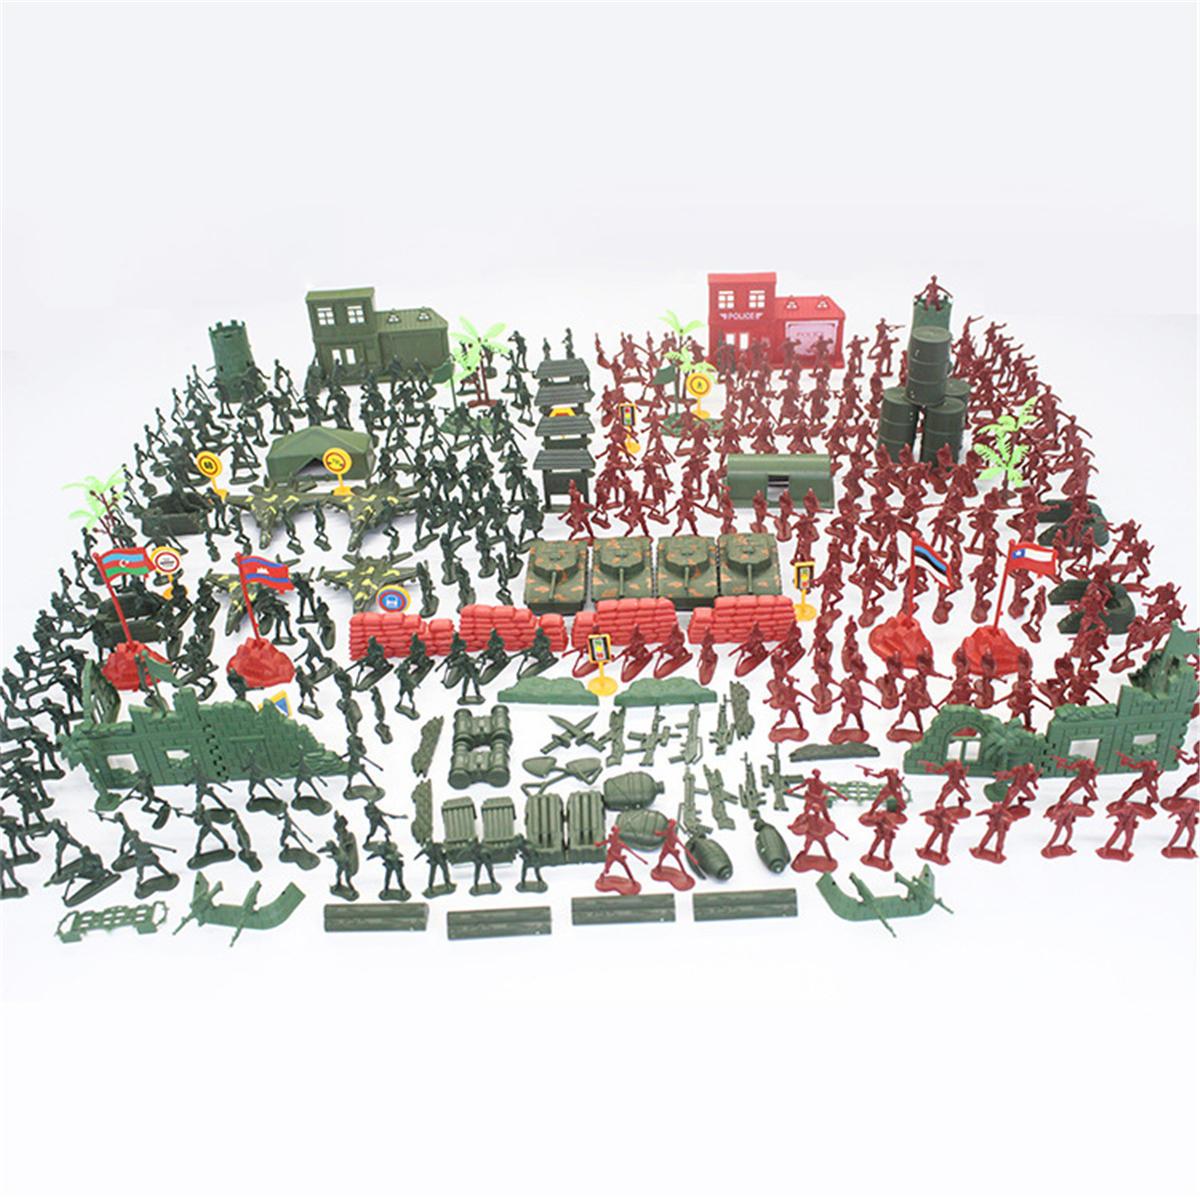 Imagen de 330pcs militar Figuras y accesorios de juguetes de juguete para niños